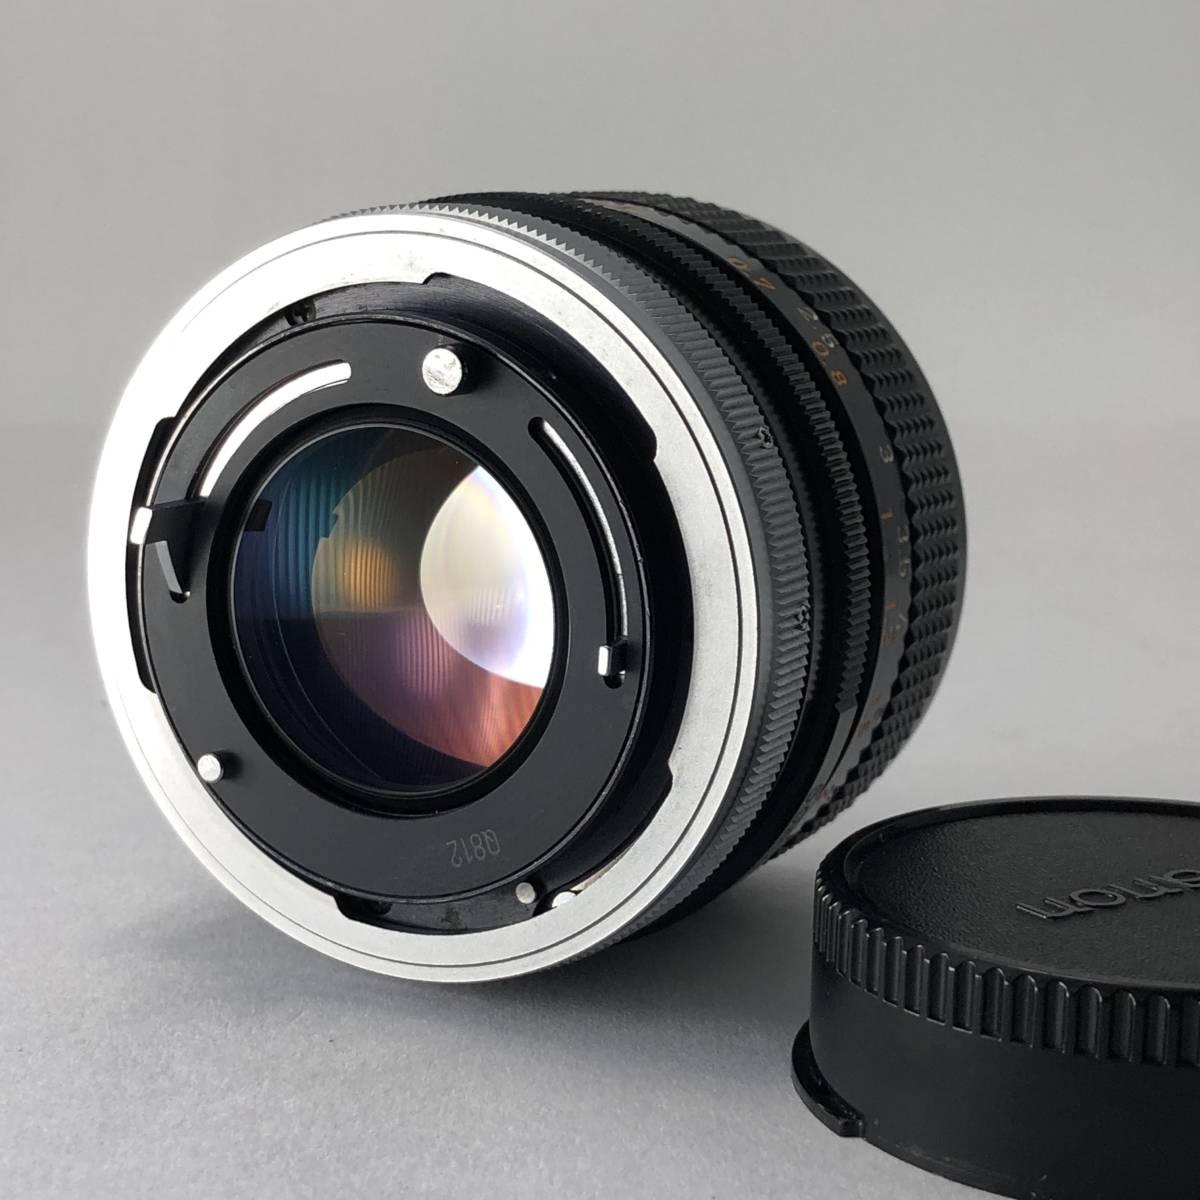 キャノン Canon FTb カメラ FD S.S.C. SSC 50mm 1.4 / FD S.S.C. SSC 24mm 2.8 / FD 35-105mm 3.5 レンズ セット no.A1_画像5